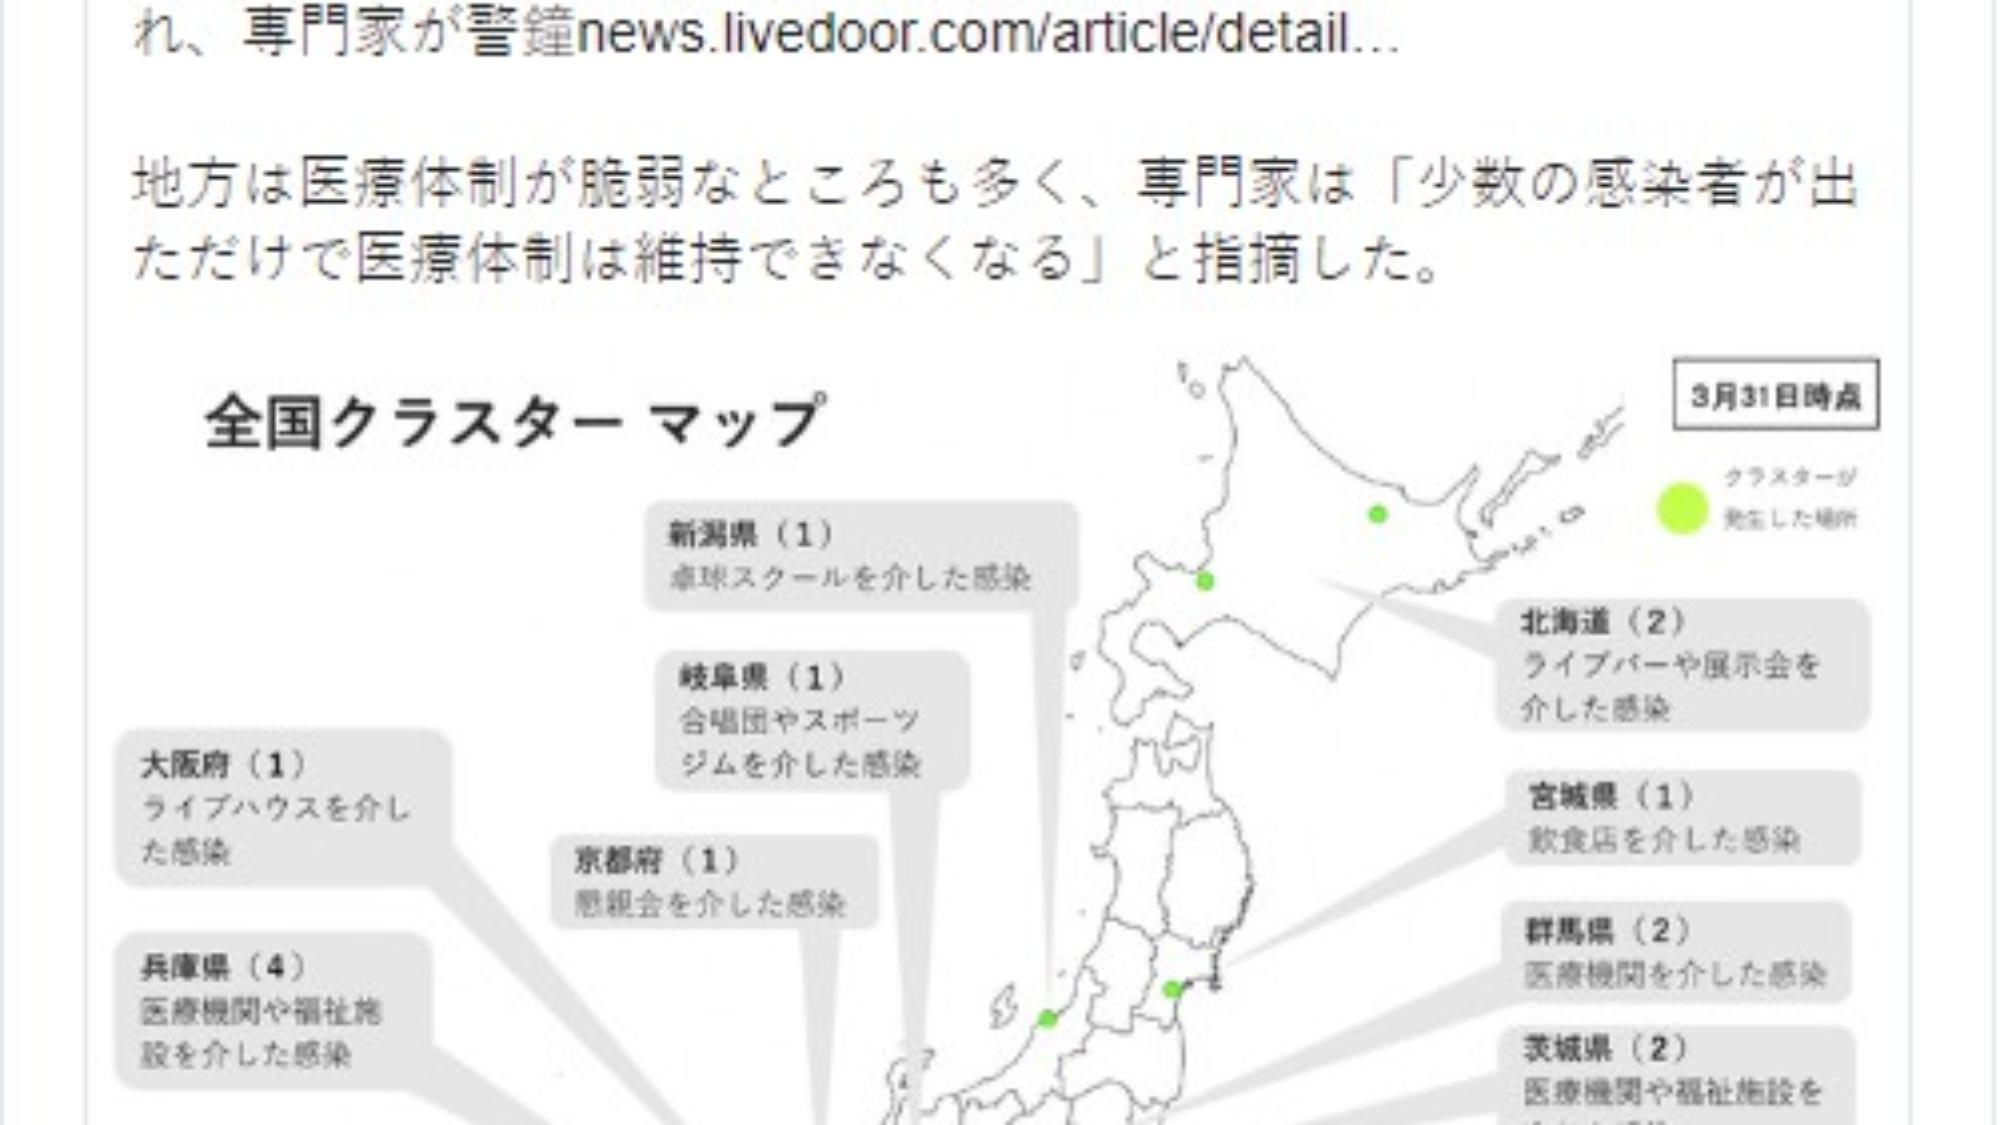 推特上出現日本此刻熱門關鍵字 #東京脫出 ,日本全國上下民心安定與否將成為一大挑戰